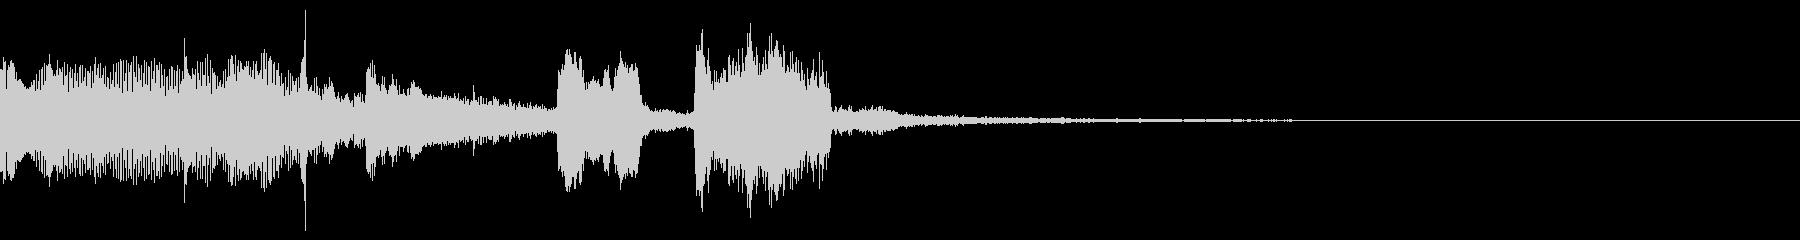 女声コーラスを使ったサウンドロゴの未再生の波形